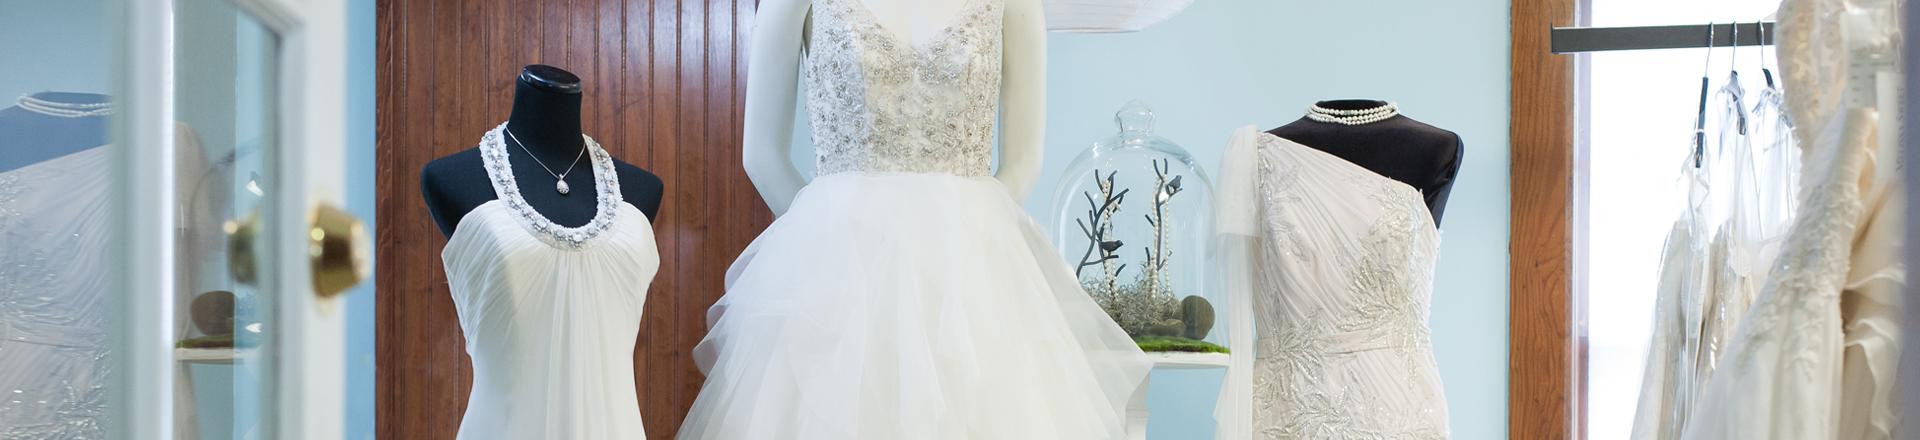 Brides Q&A